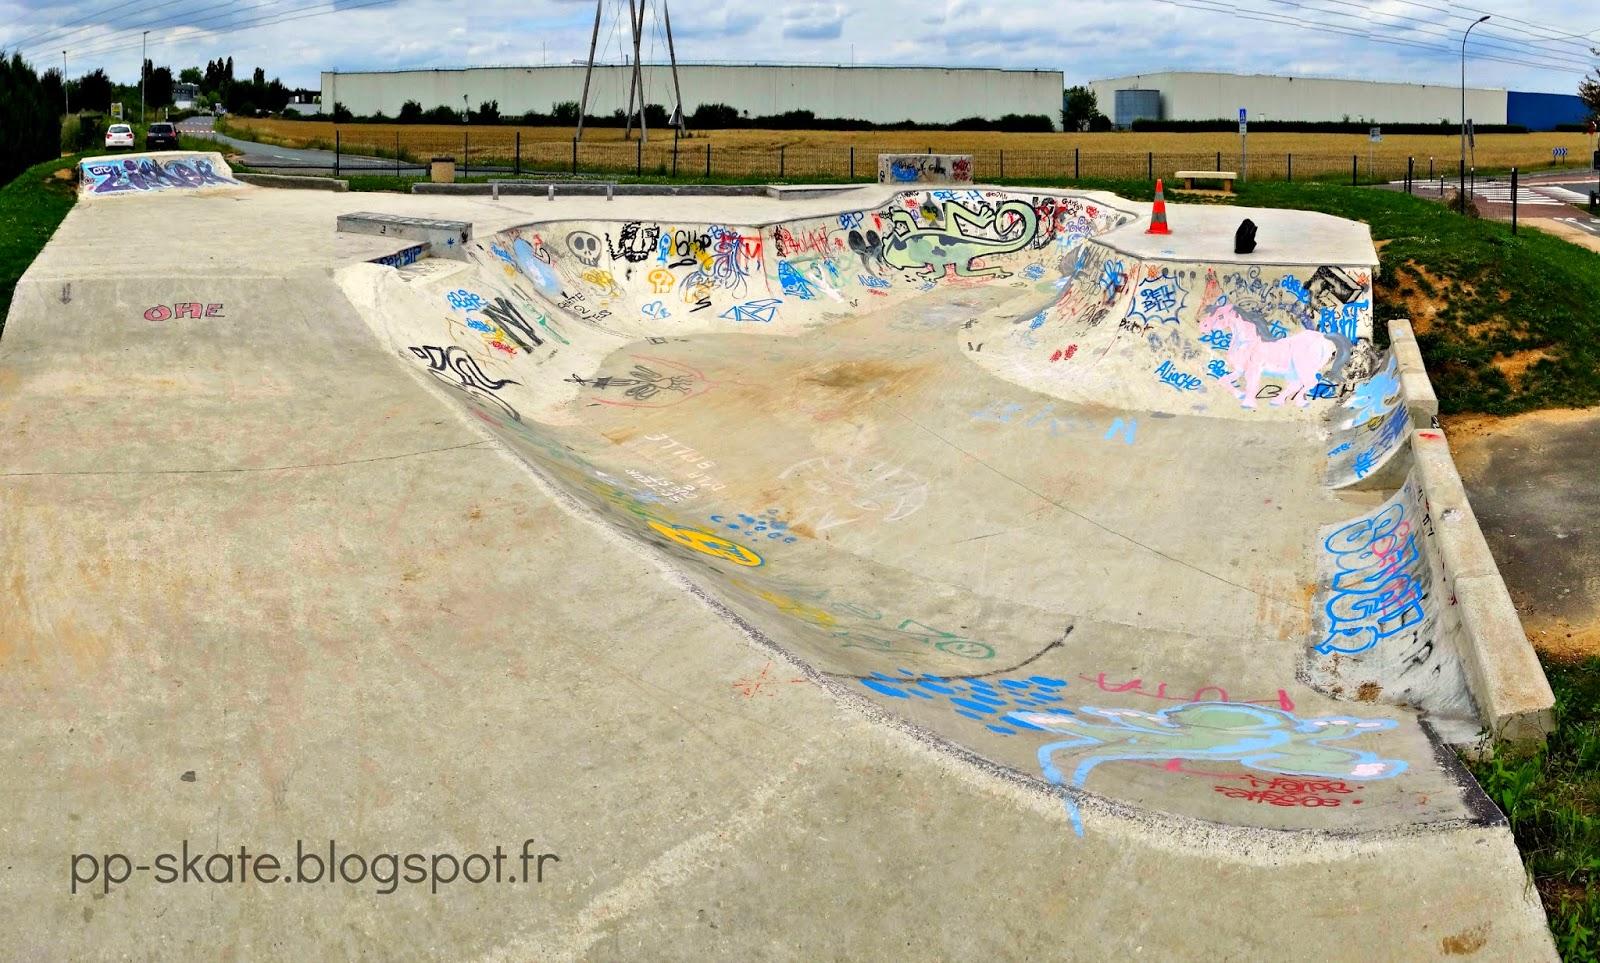 Skatepark Le plessis Pate